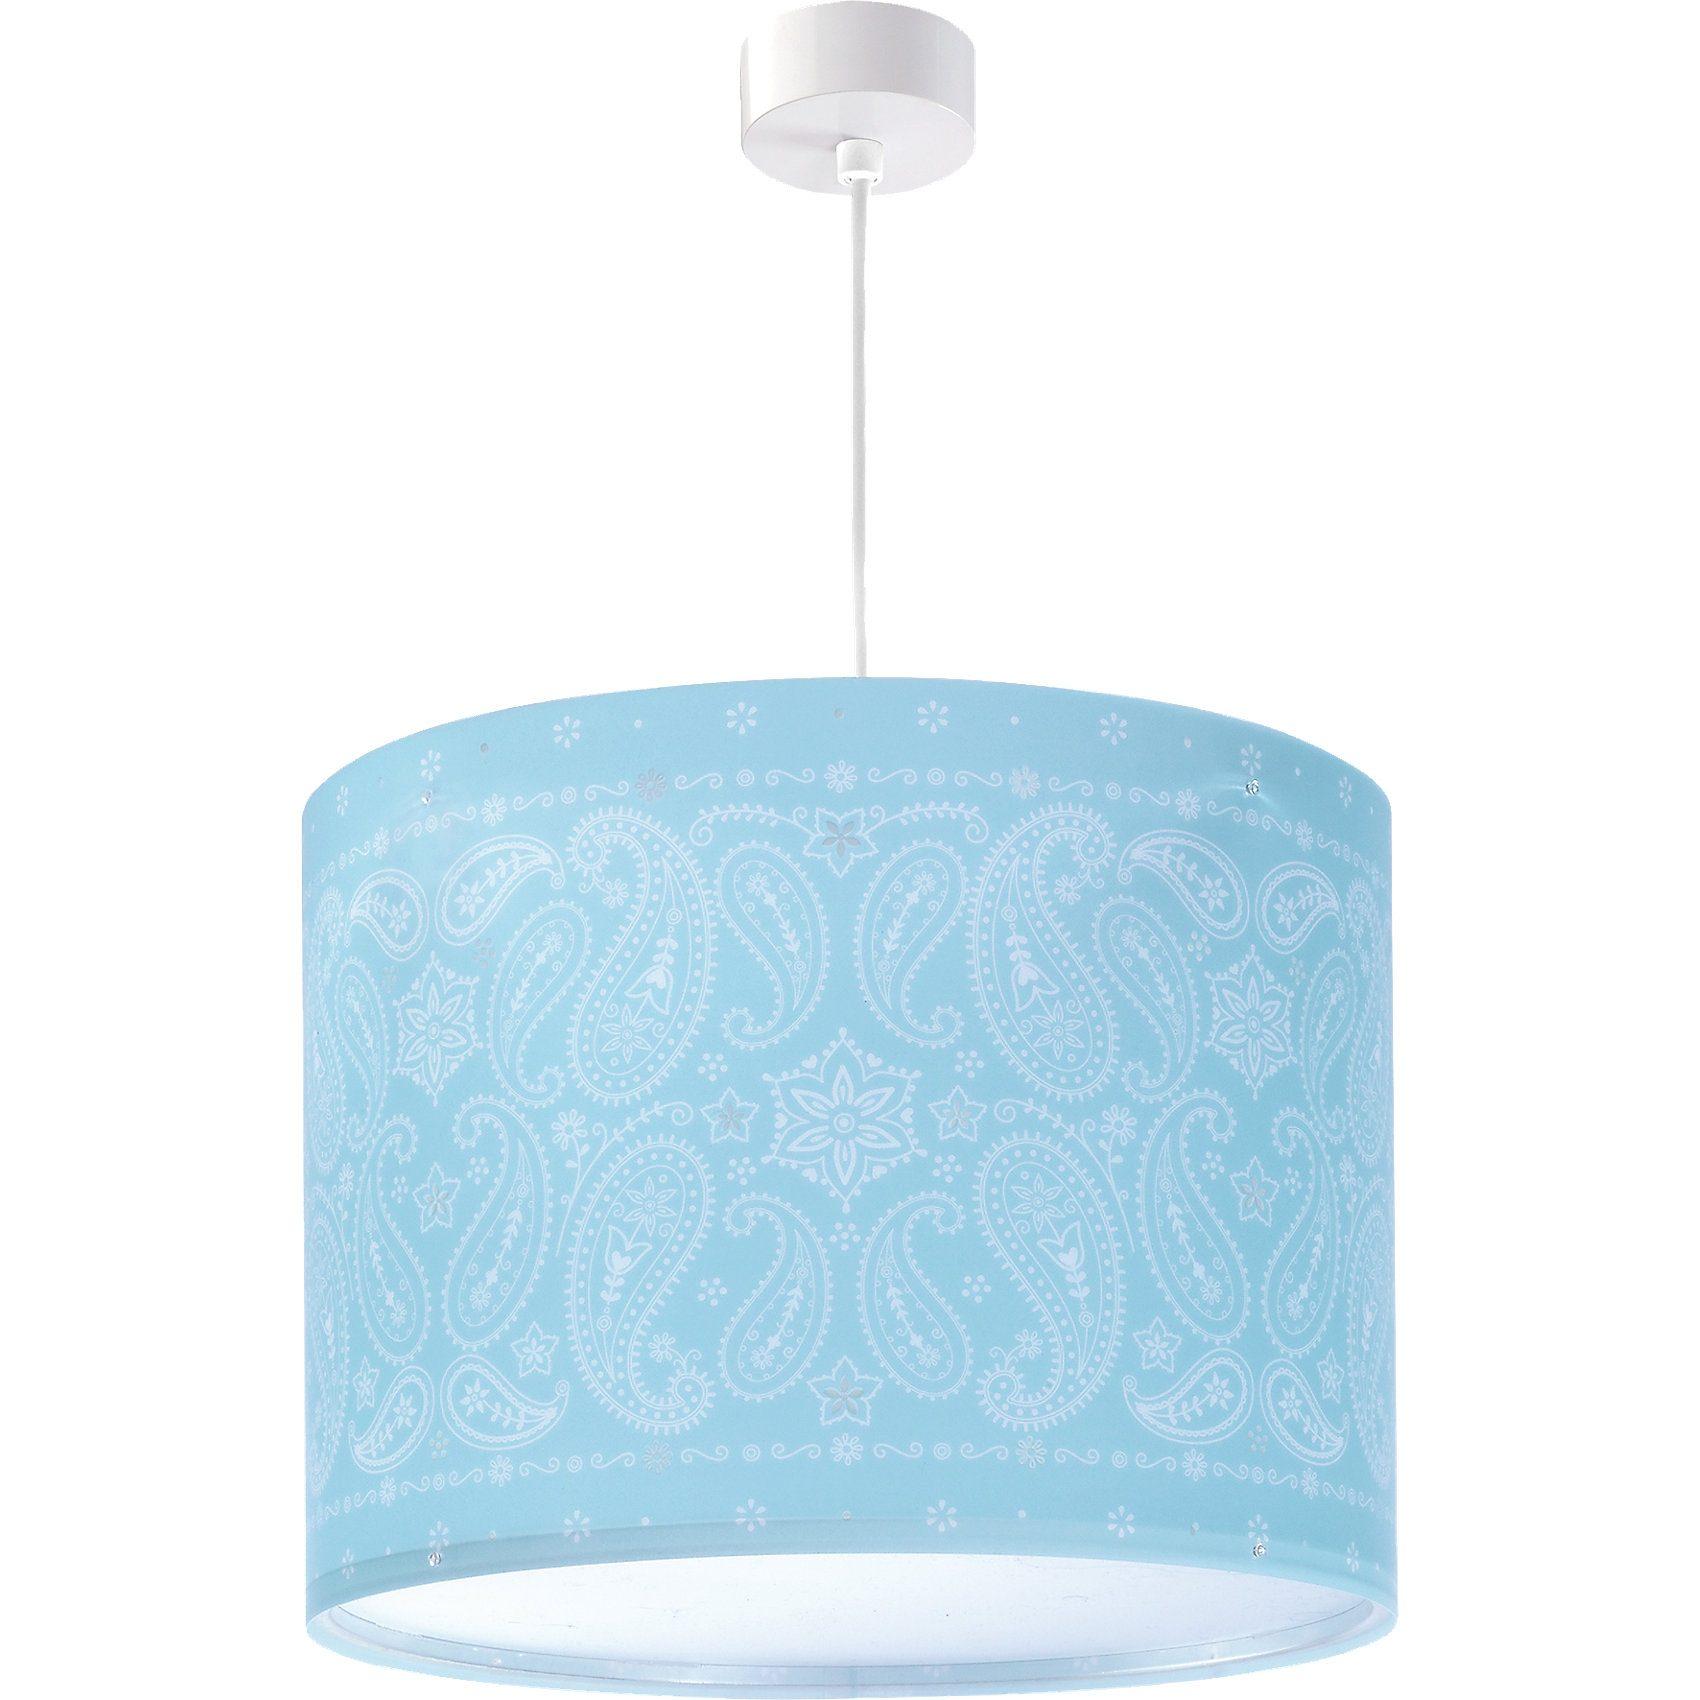 Dalber Hängelampe Ornamente, blau